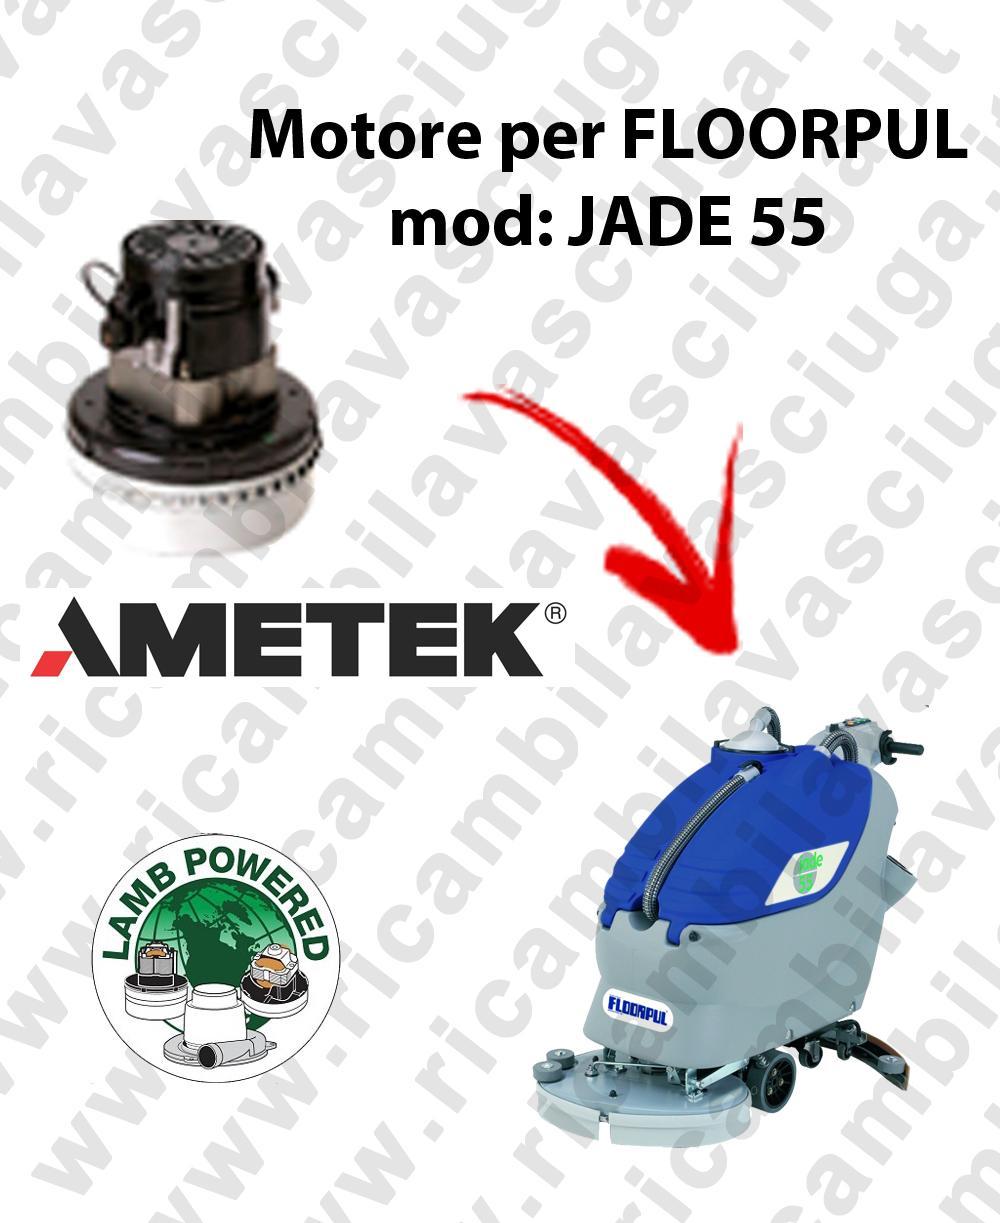 JADE 55 MOTORE LAMB AMETEK di aspirazione per lavapavimenti FLOORPUL